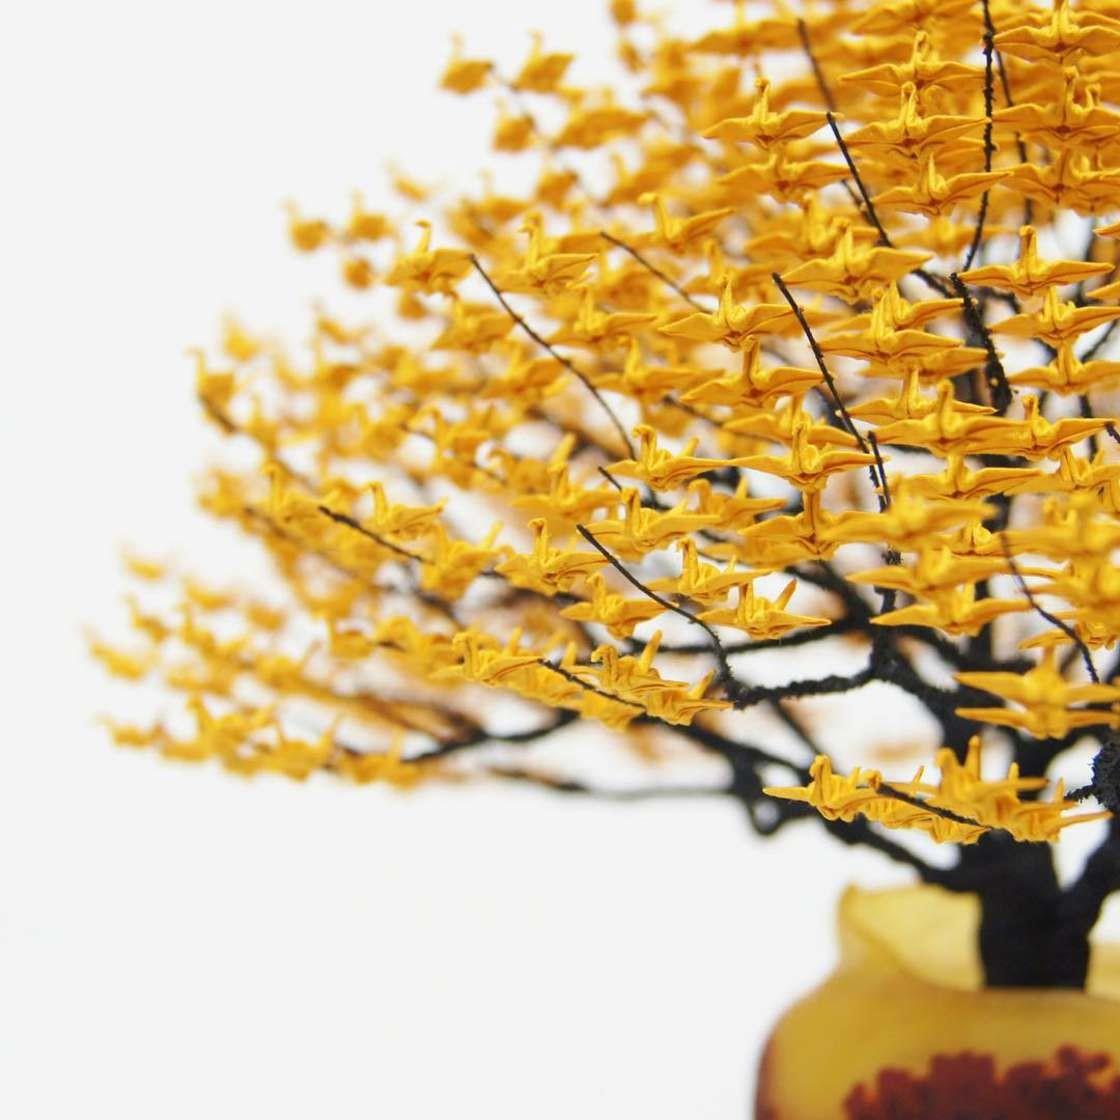 Невероятные деревья-бонсай с кронами из тысяч крошечных оригами журавлей бонсай, дерево, журавли, оригами, своими руками, сделай сам